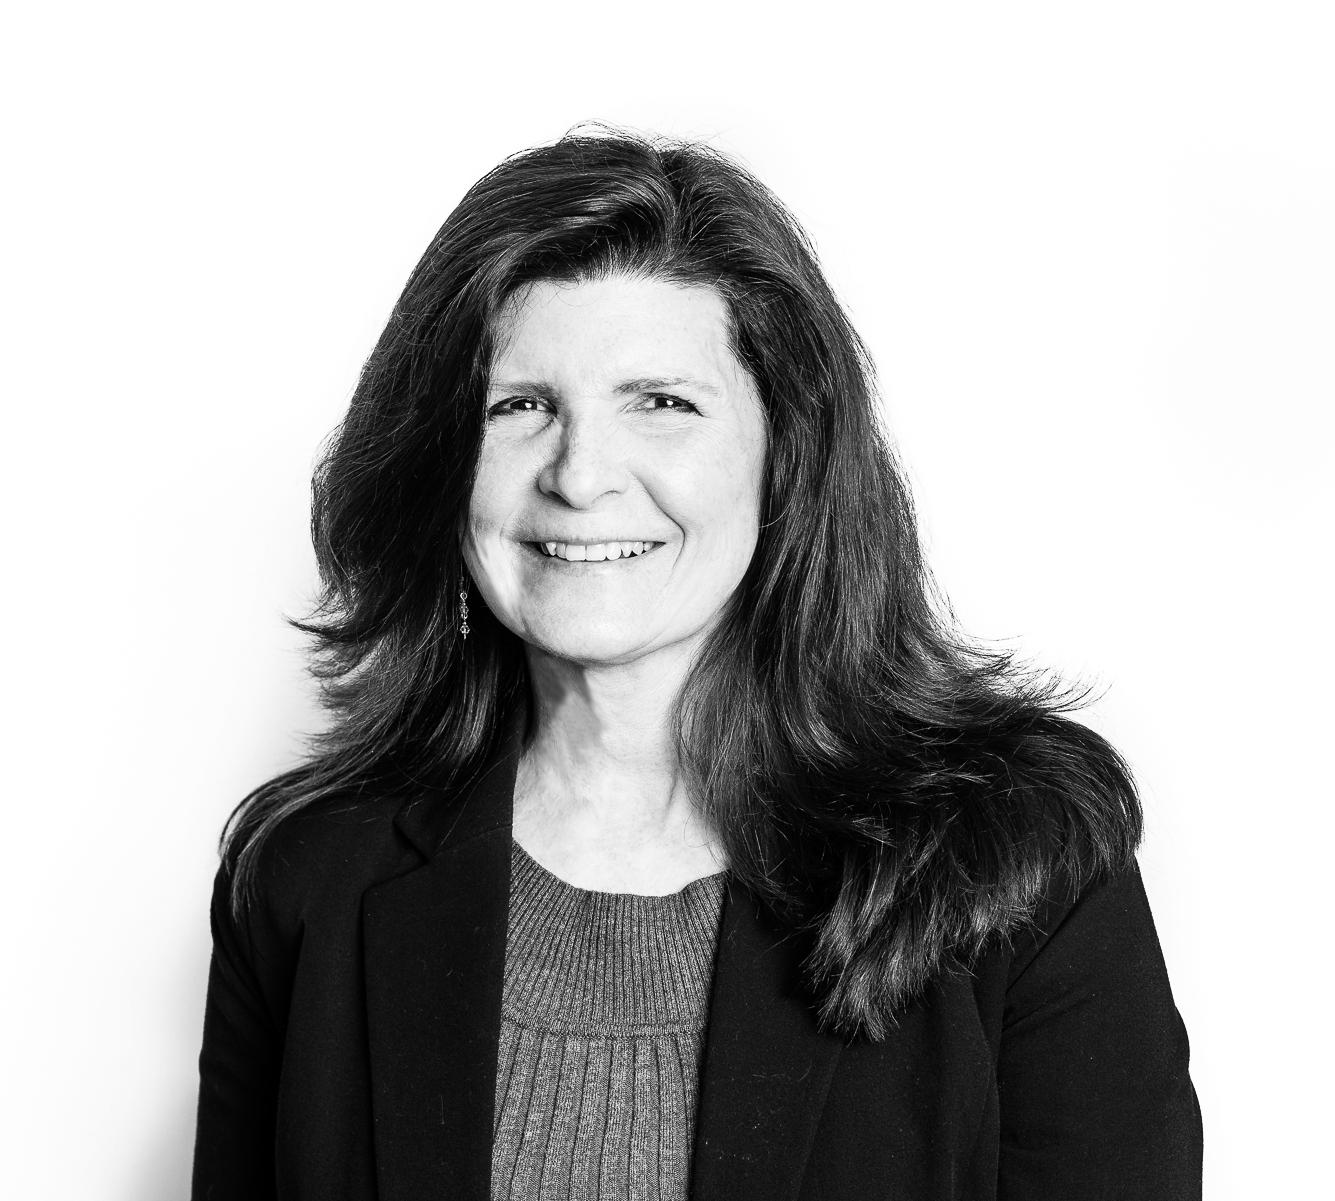 Janet Eulert